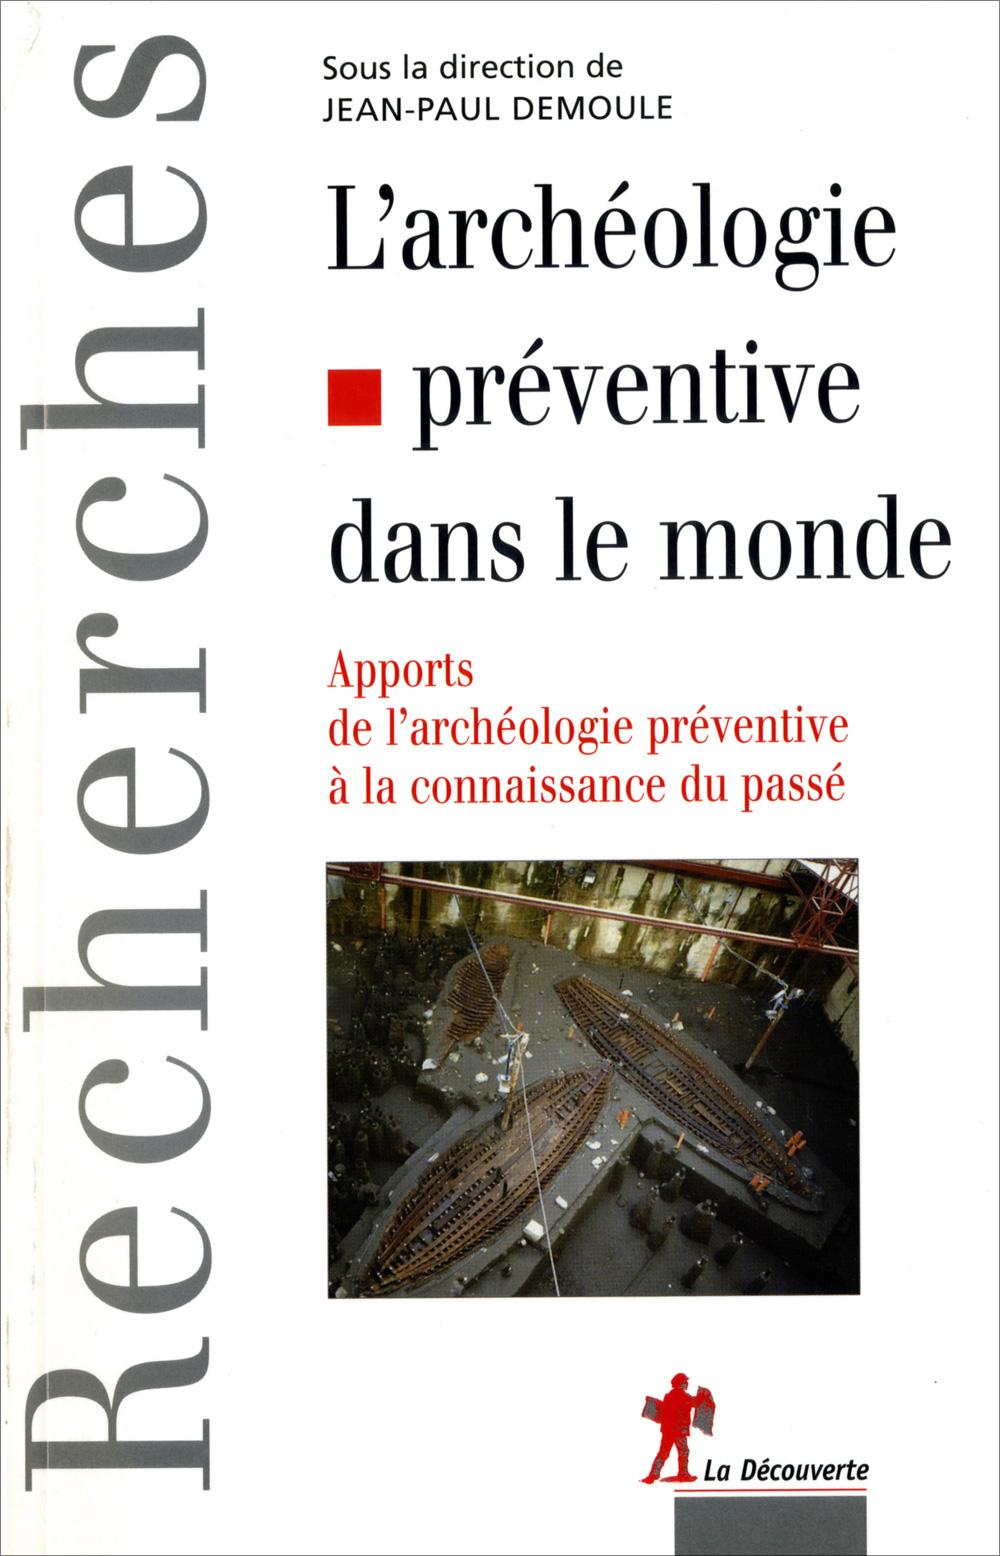 L'archéologie préventive dans le monde. Apports de l'archéologie préventive à la connaissance du passé